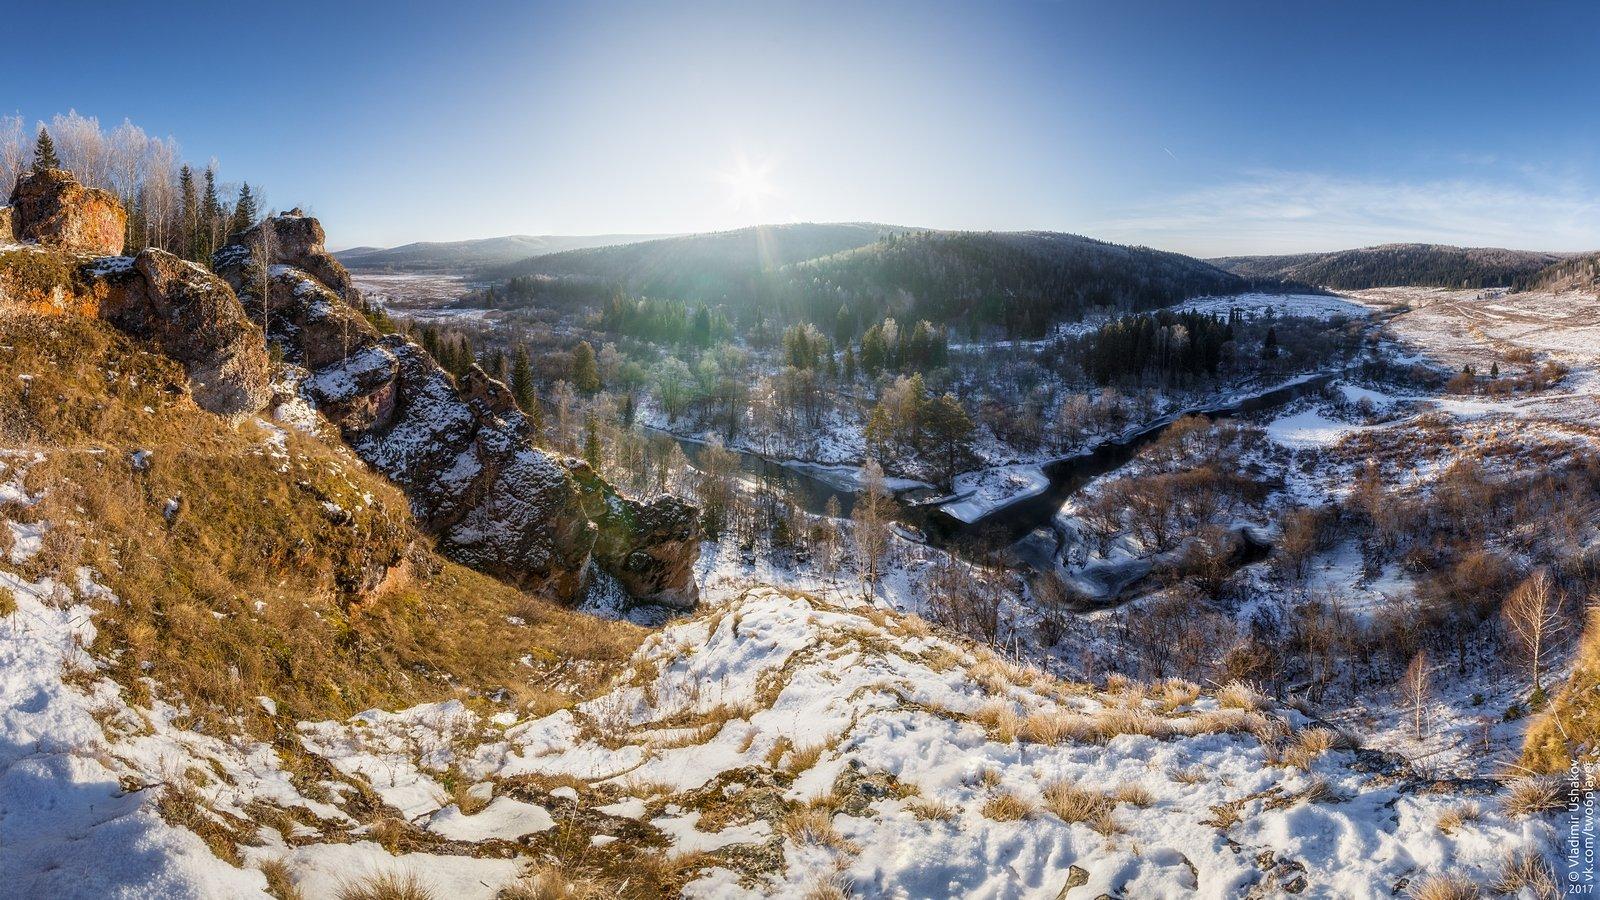 утро, солнце, зима, река сарана, аликаев камень, марьин утес, свердловская область, Владимир Ушаков